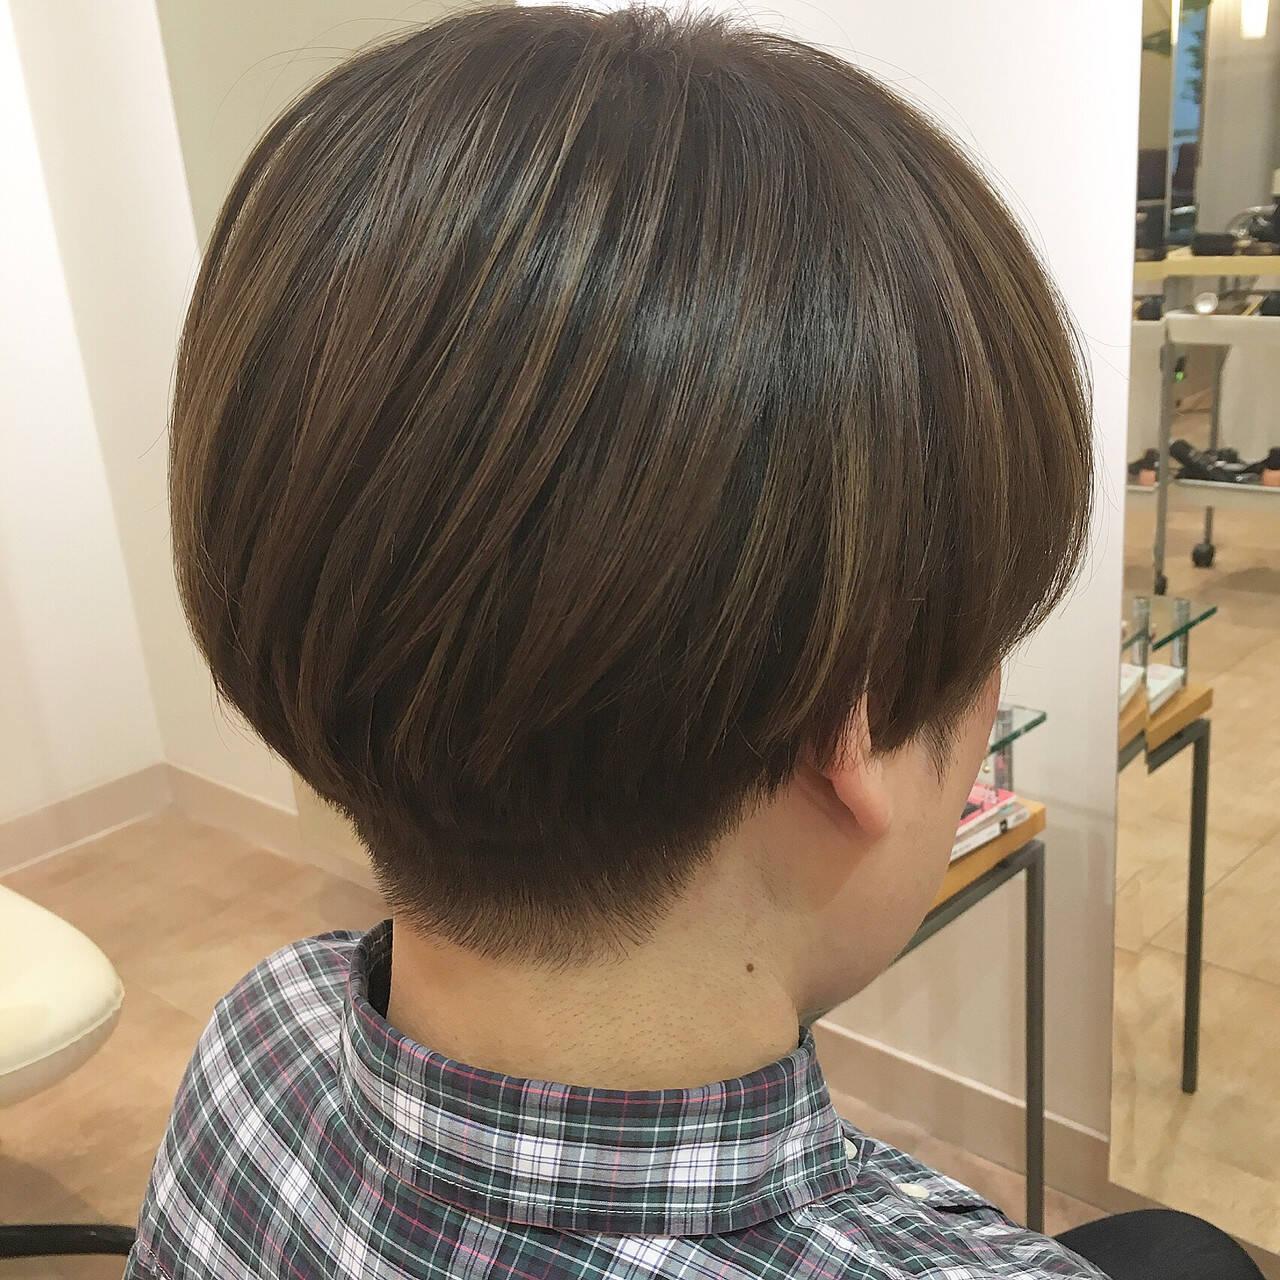 刈り上げ ツーブロック ベージュ マッシュヘアスタイルや髪型の写真・画像